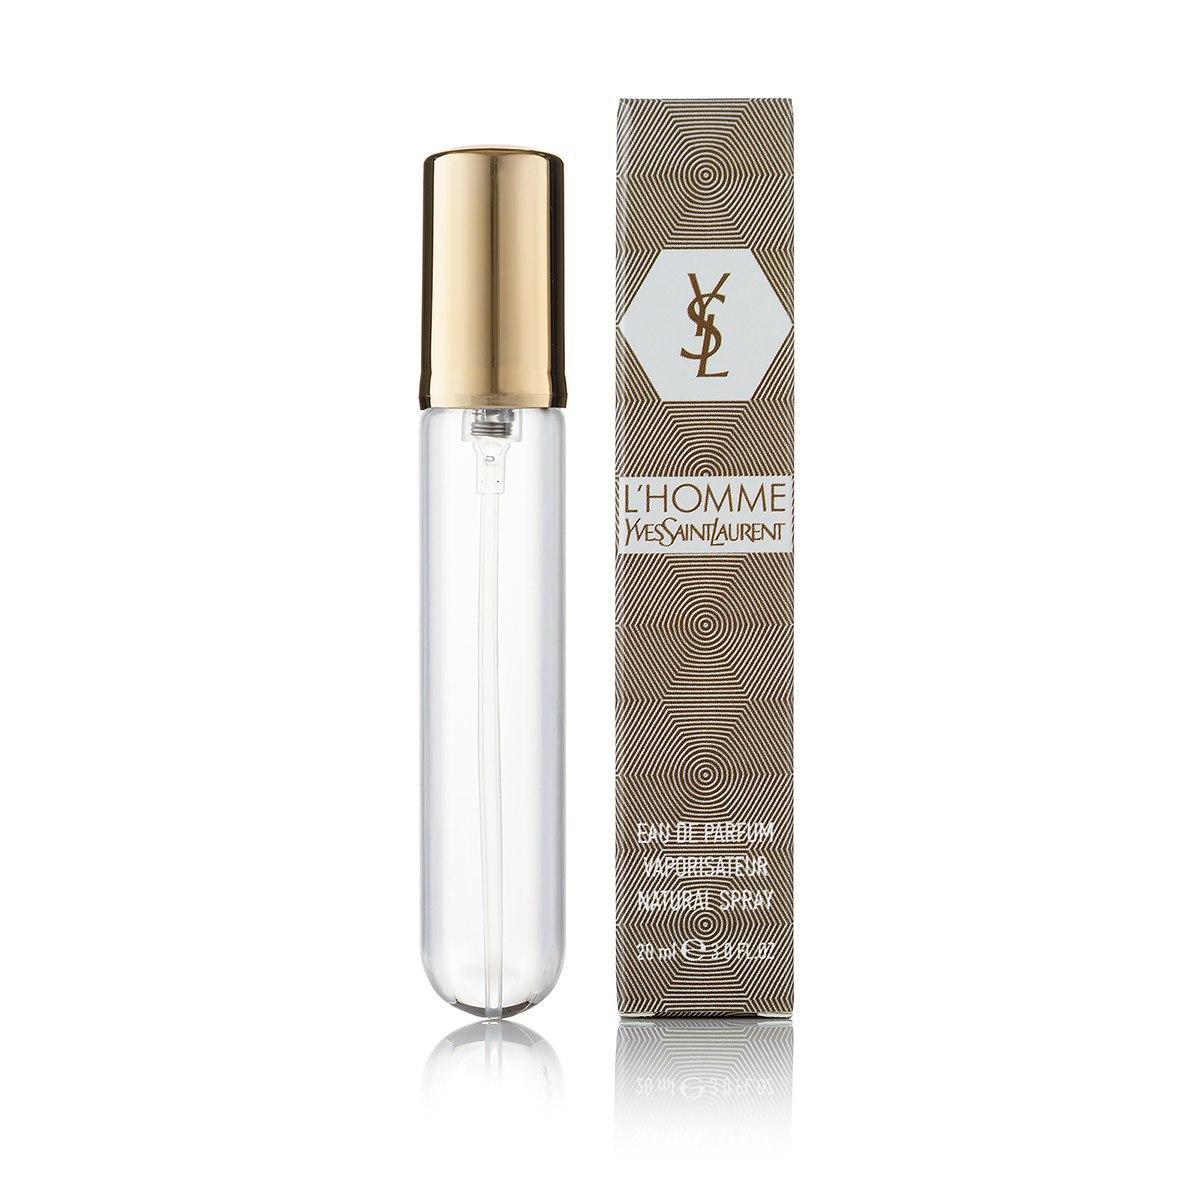 20 мл мини парфюм L`Homme Yves Saint Laurent (М)